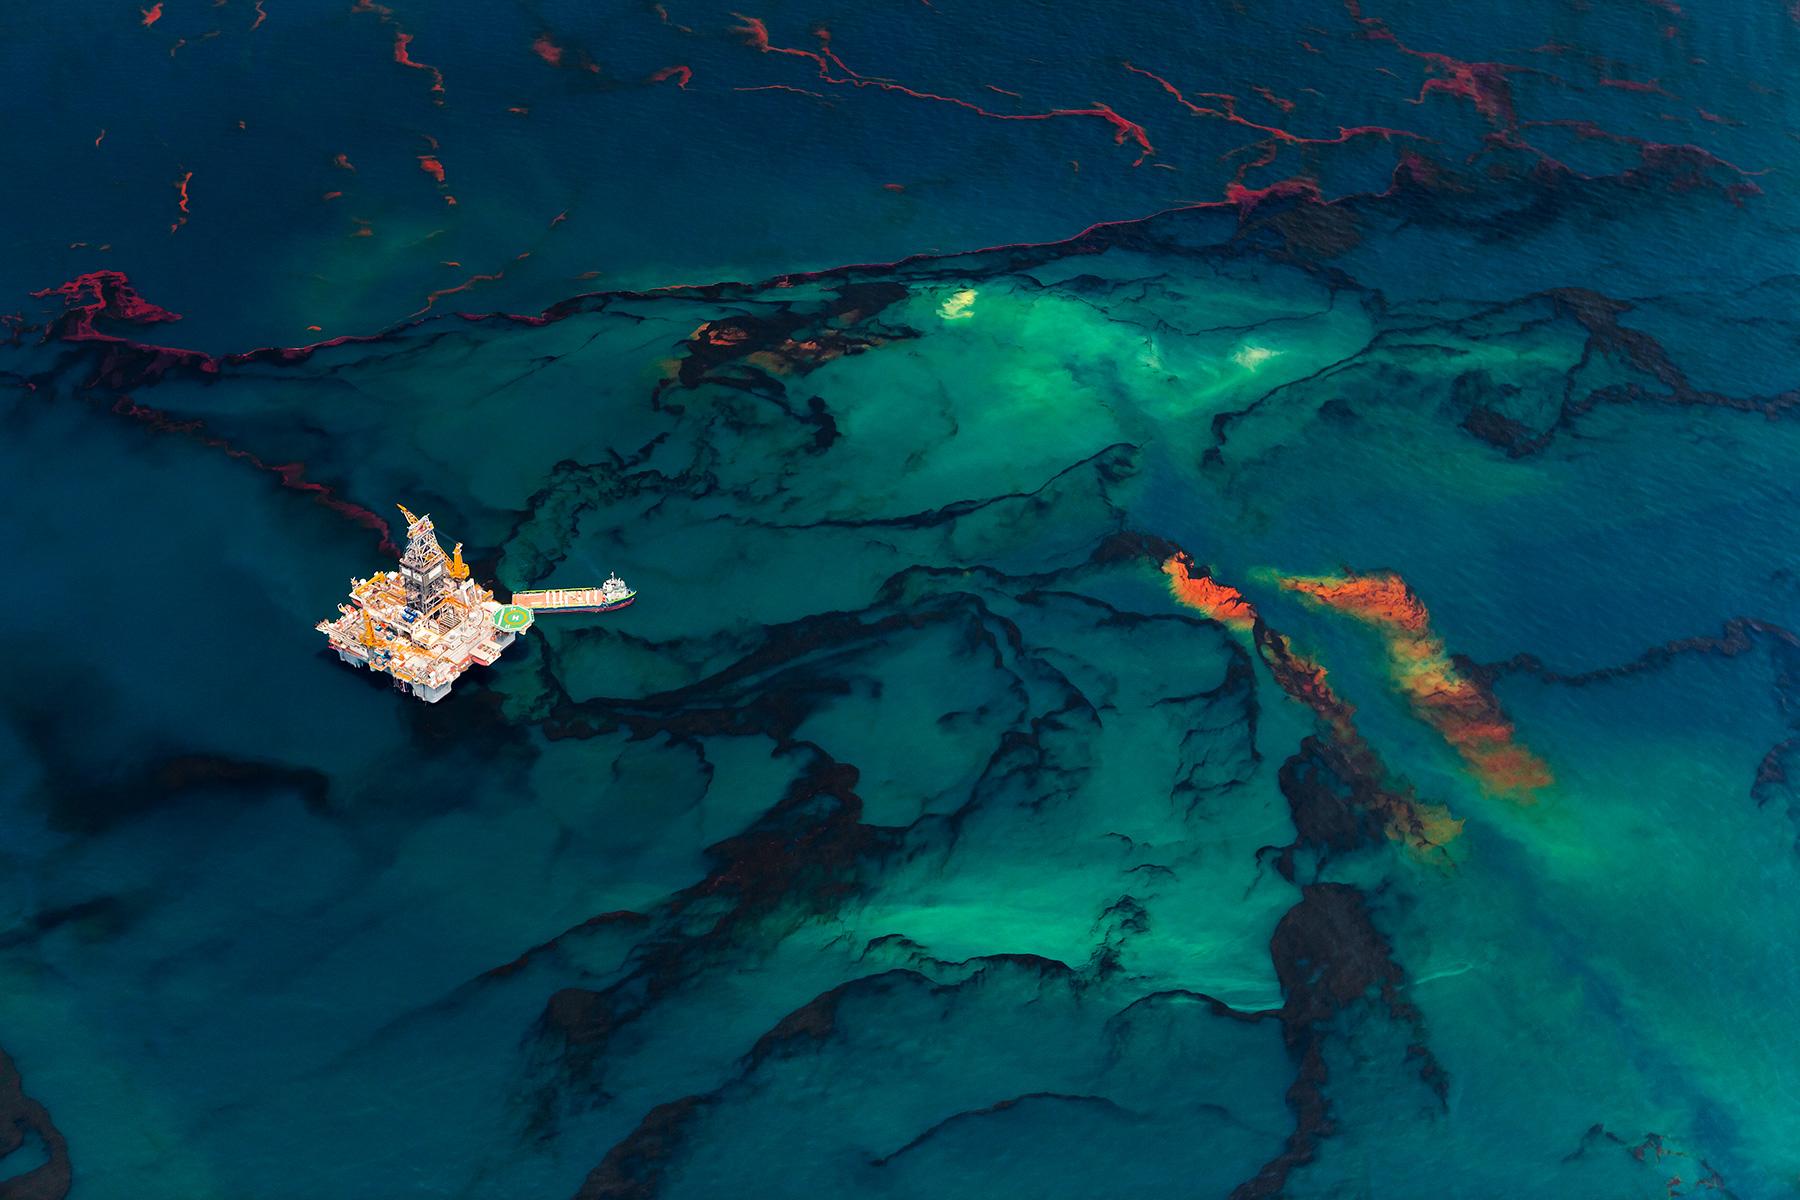 Daniel Beltrá, Oil Spill #4